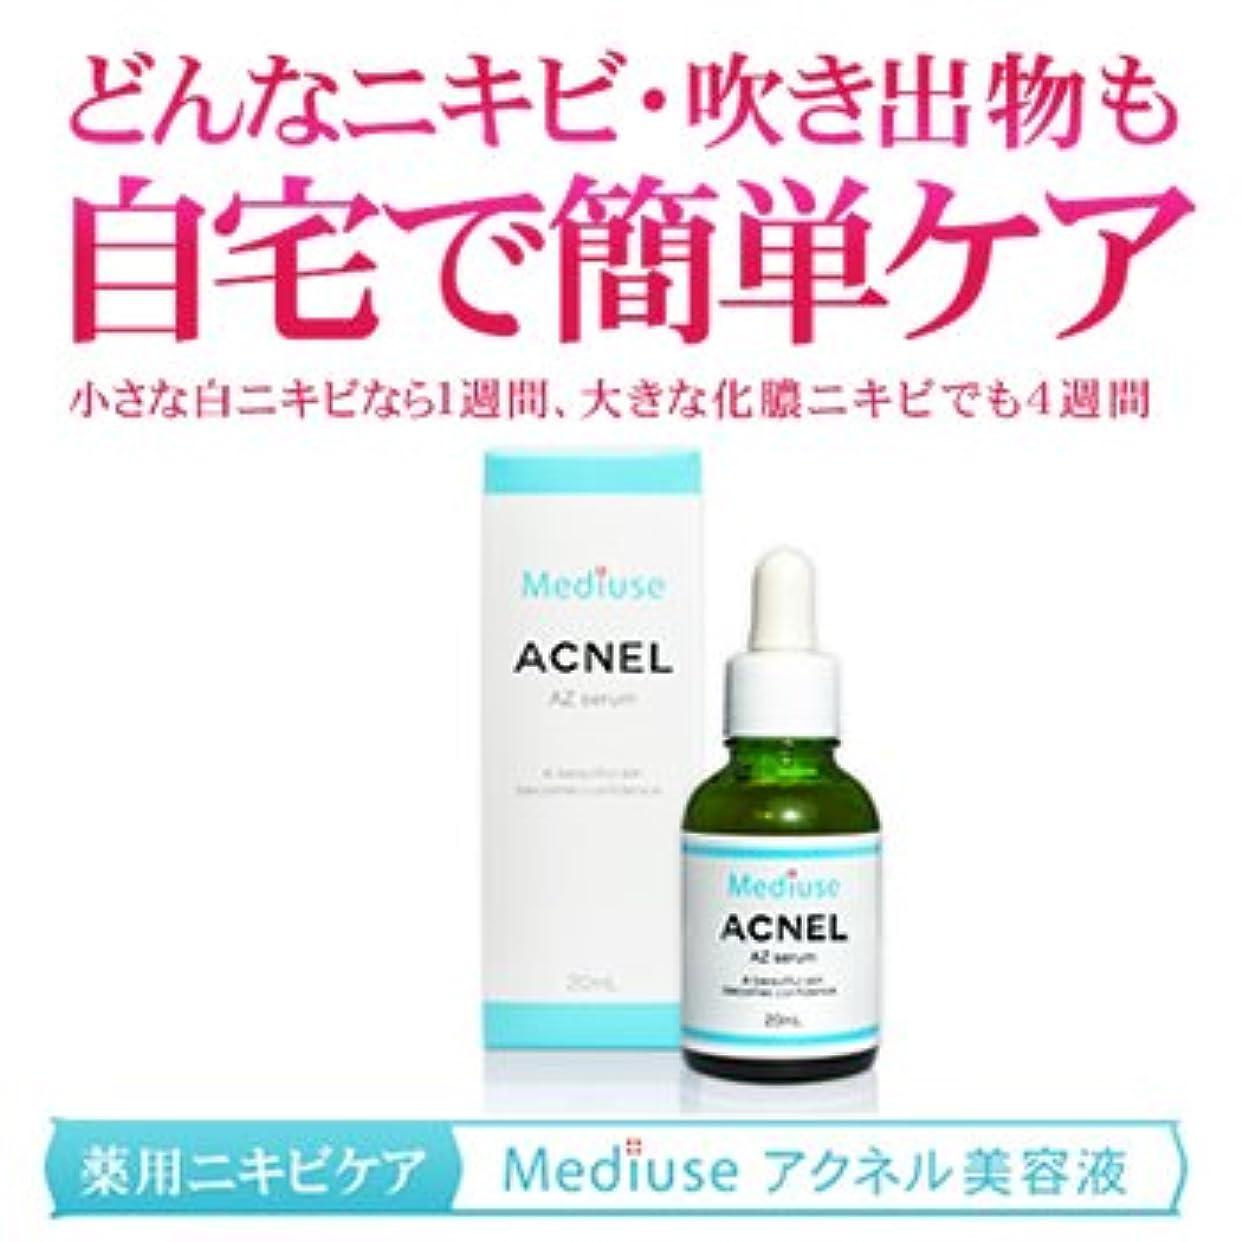 ブースト上記の頭と肩スクラブメデュース アクネル AZセラム(薬用ニキビケア美容液)医薬部外品